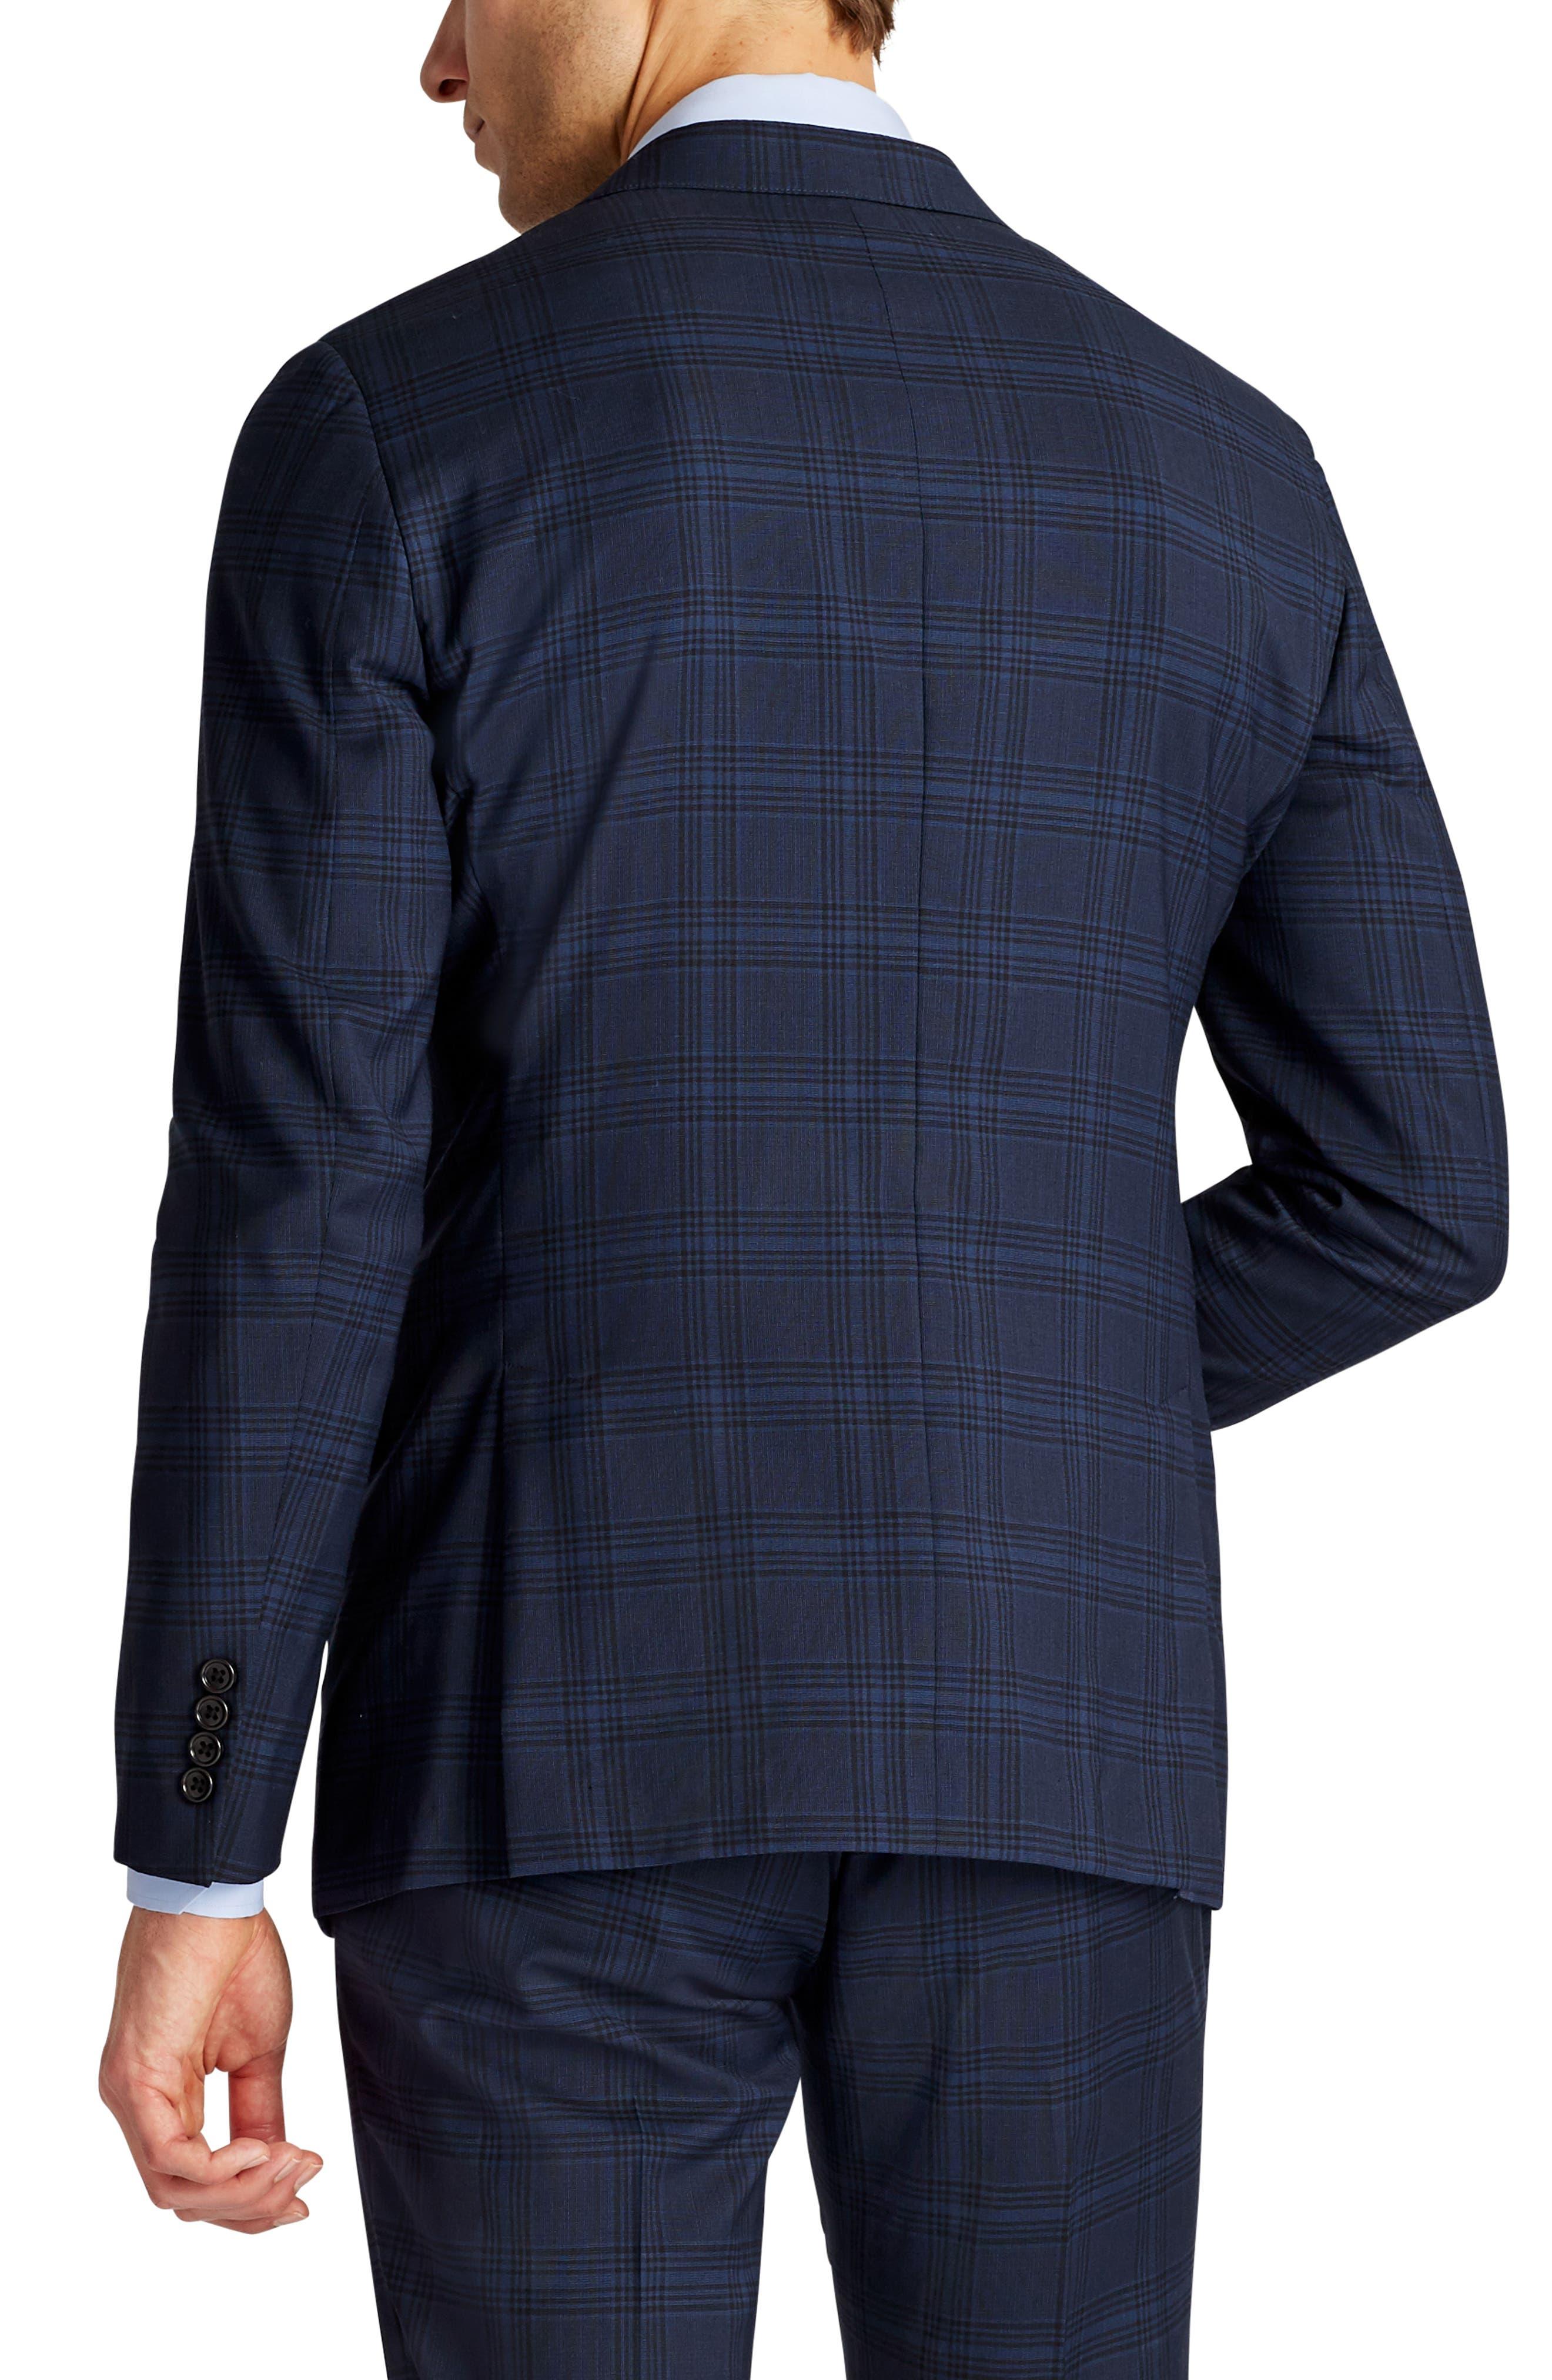 Jetsetter Trim Fit Stretch Plaid Wool Blend Suit Jacket,                             Alternate thumbnail 2, color,                             400